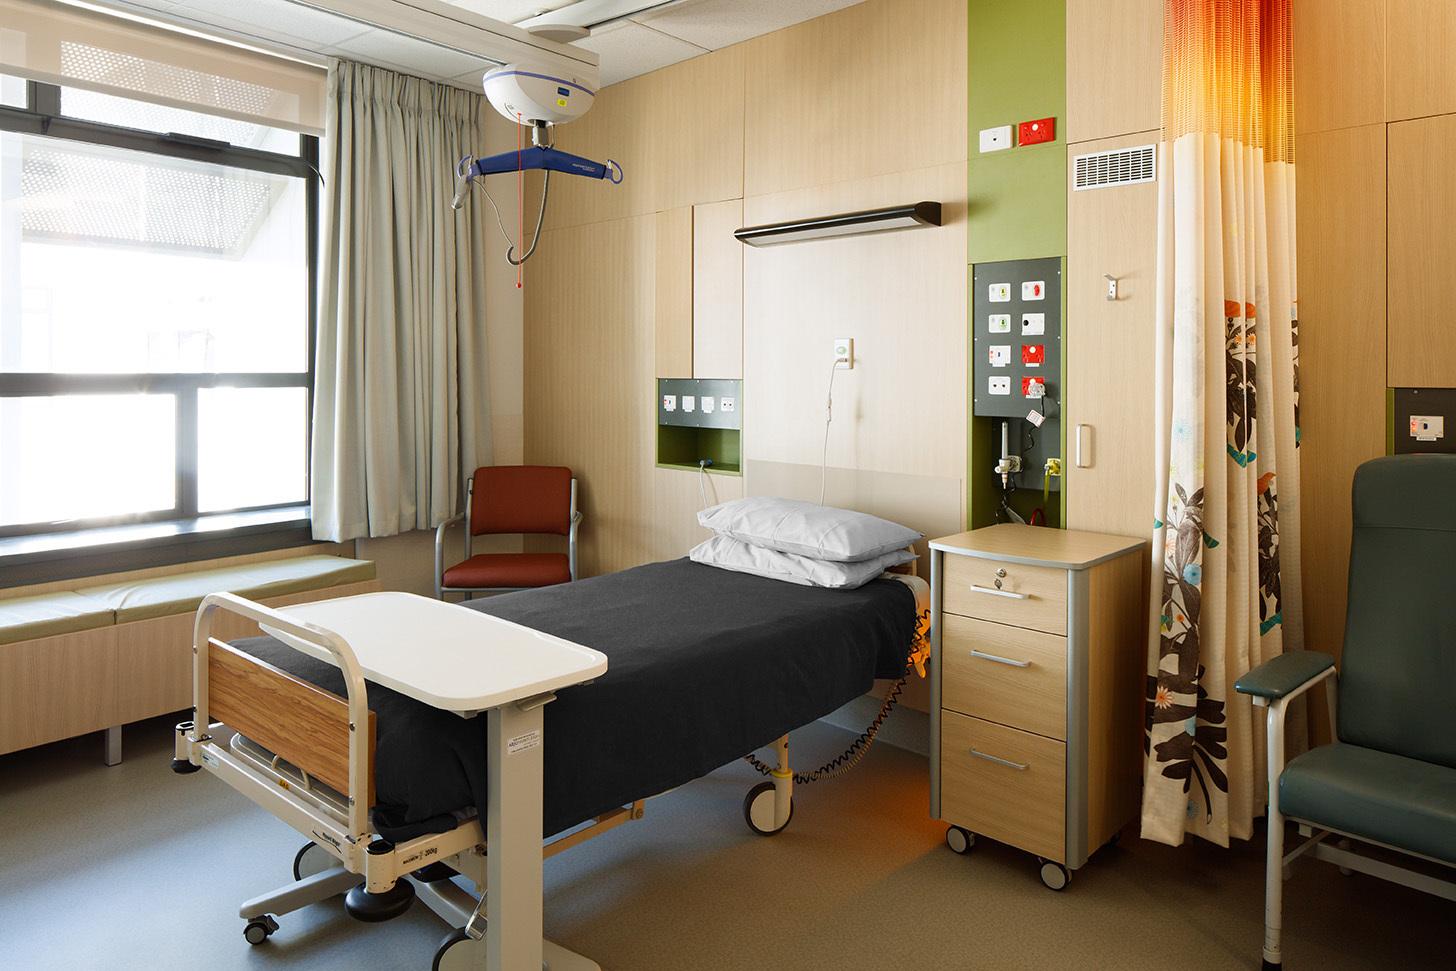 Klein_Burwood_Hospital_Ward